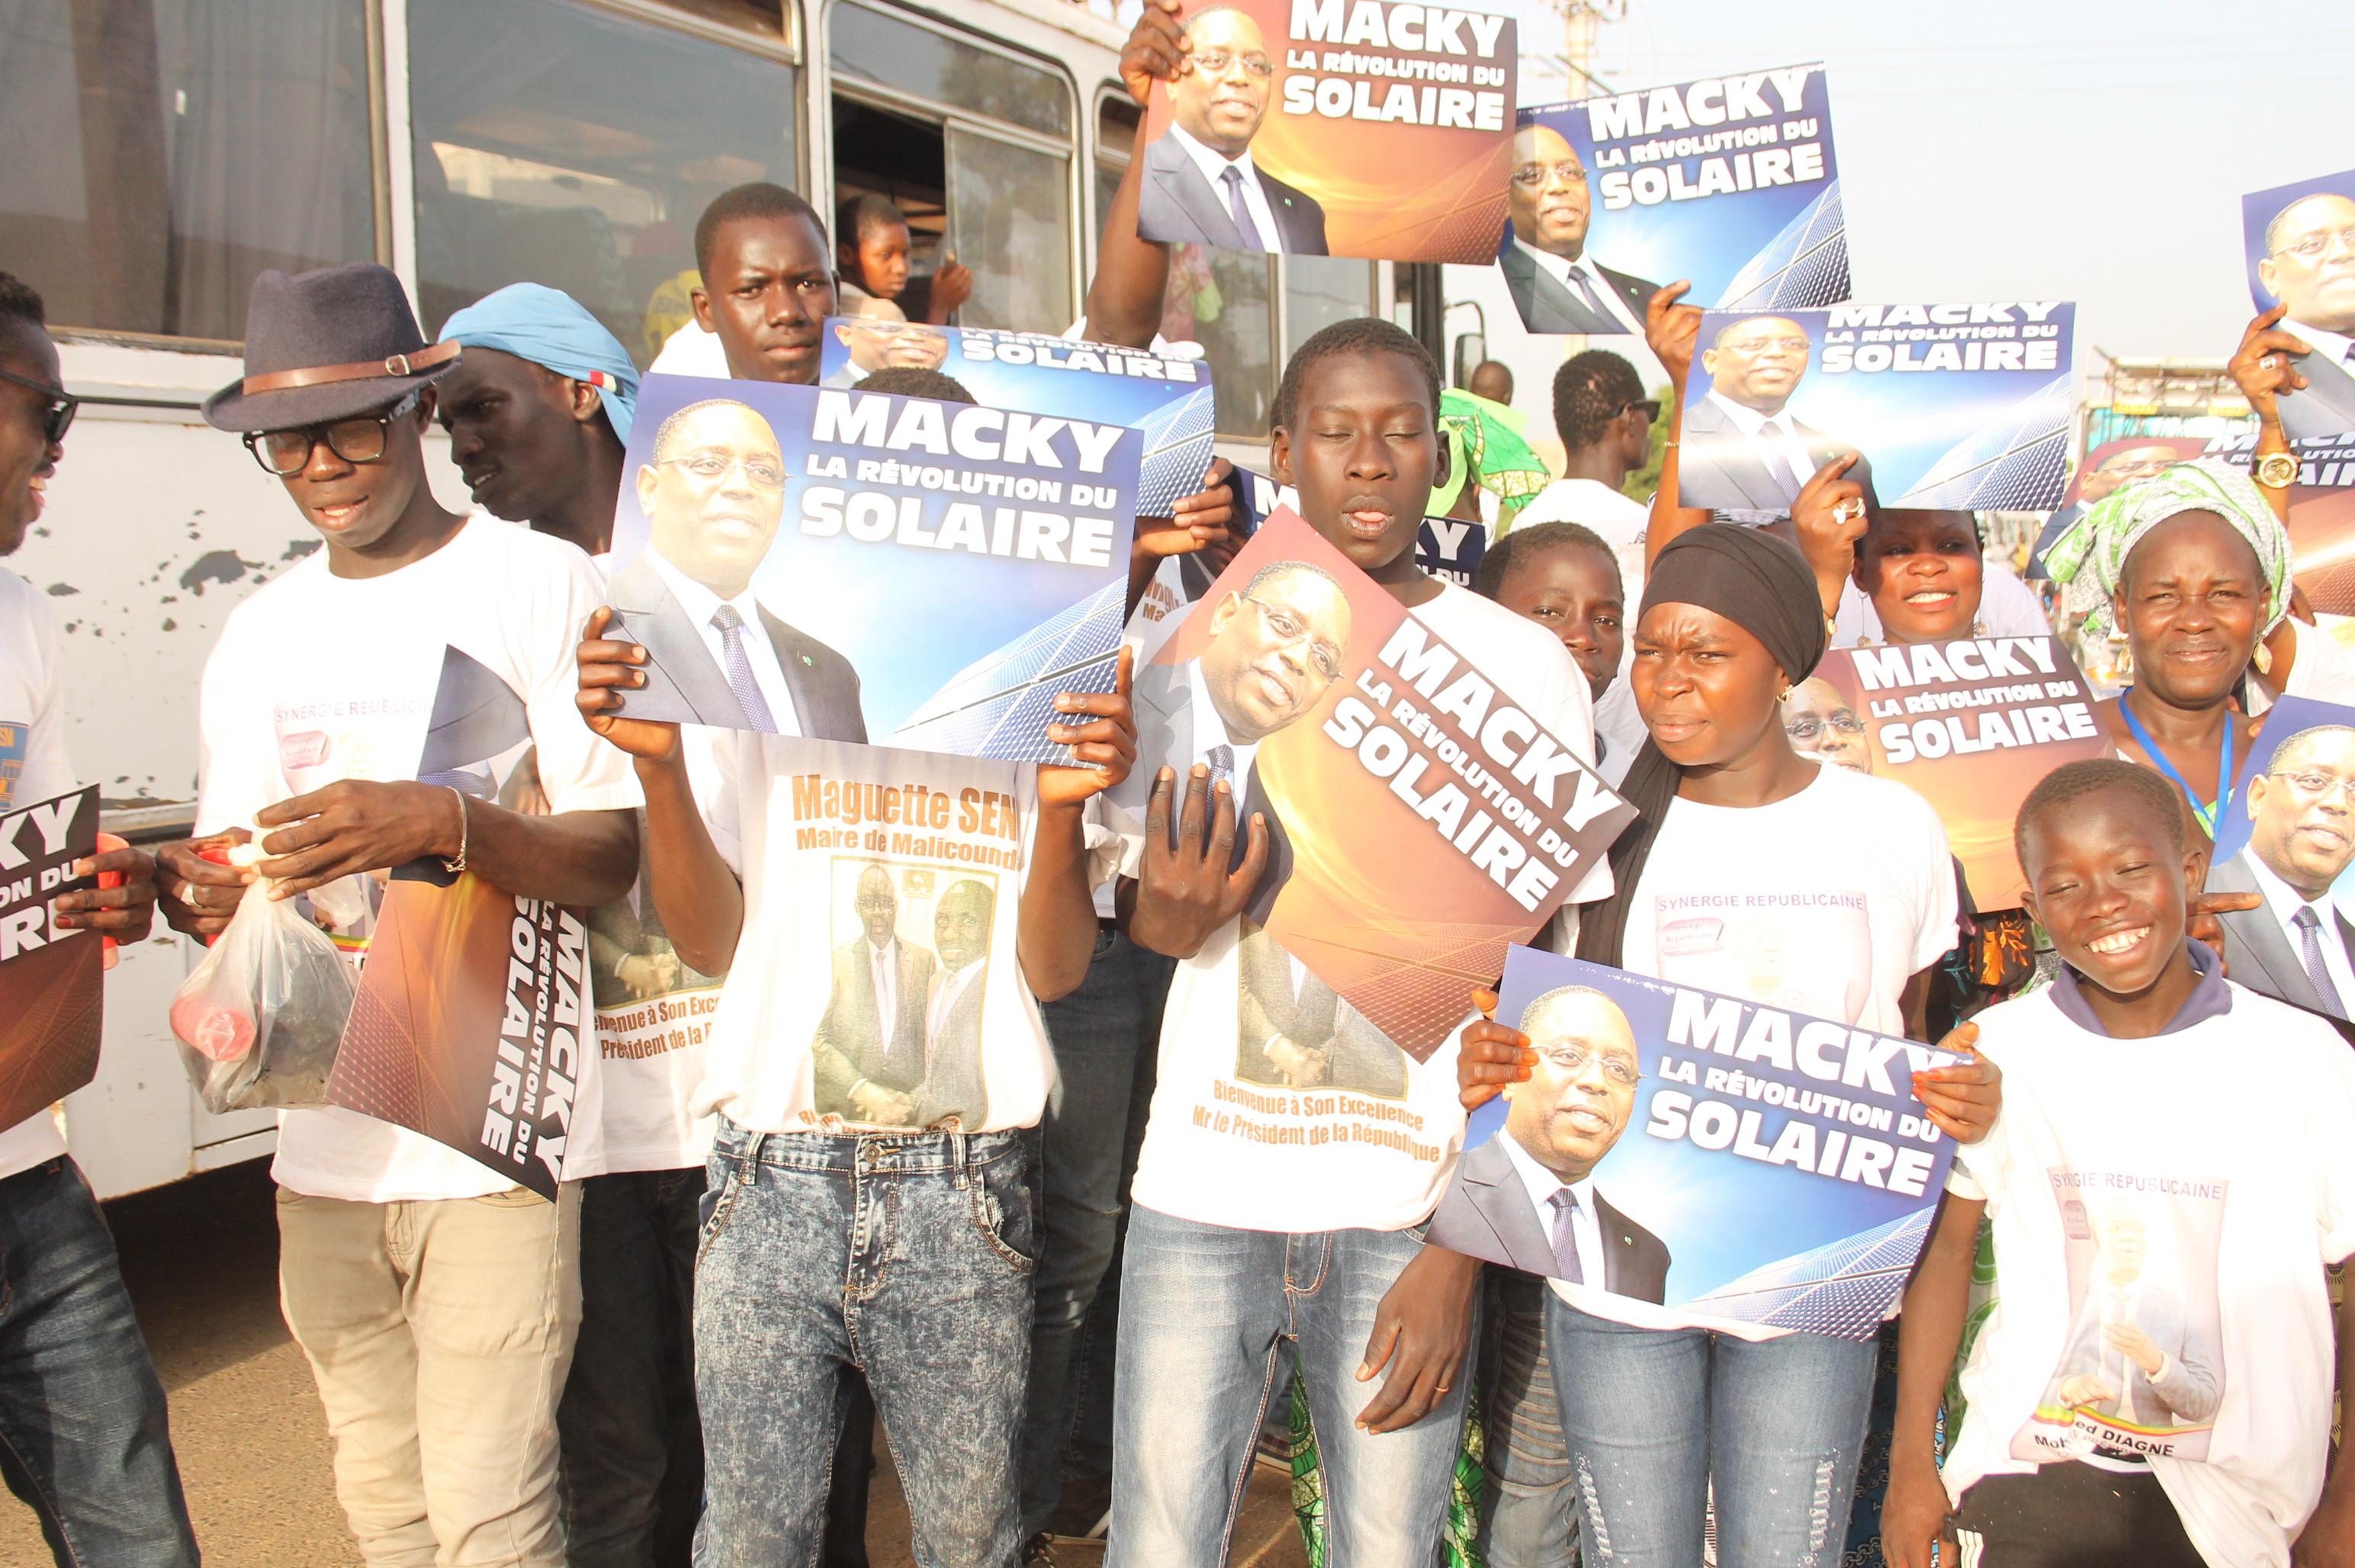 Des partisans de El Malick Seck à l'accueil du président Macky Sall à Malicounda